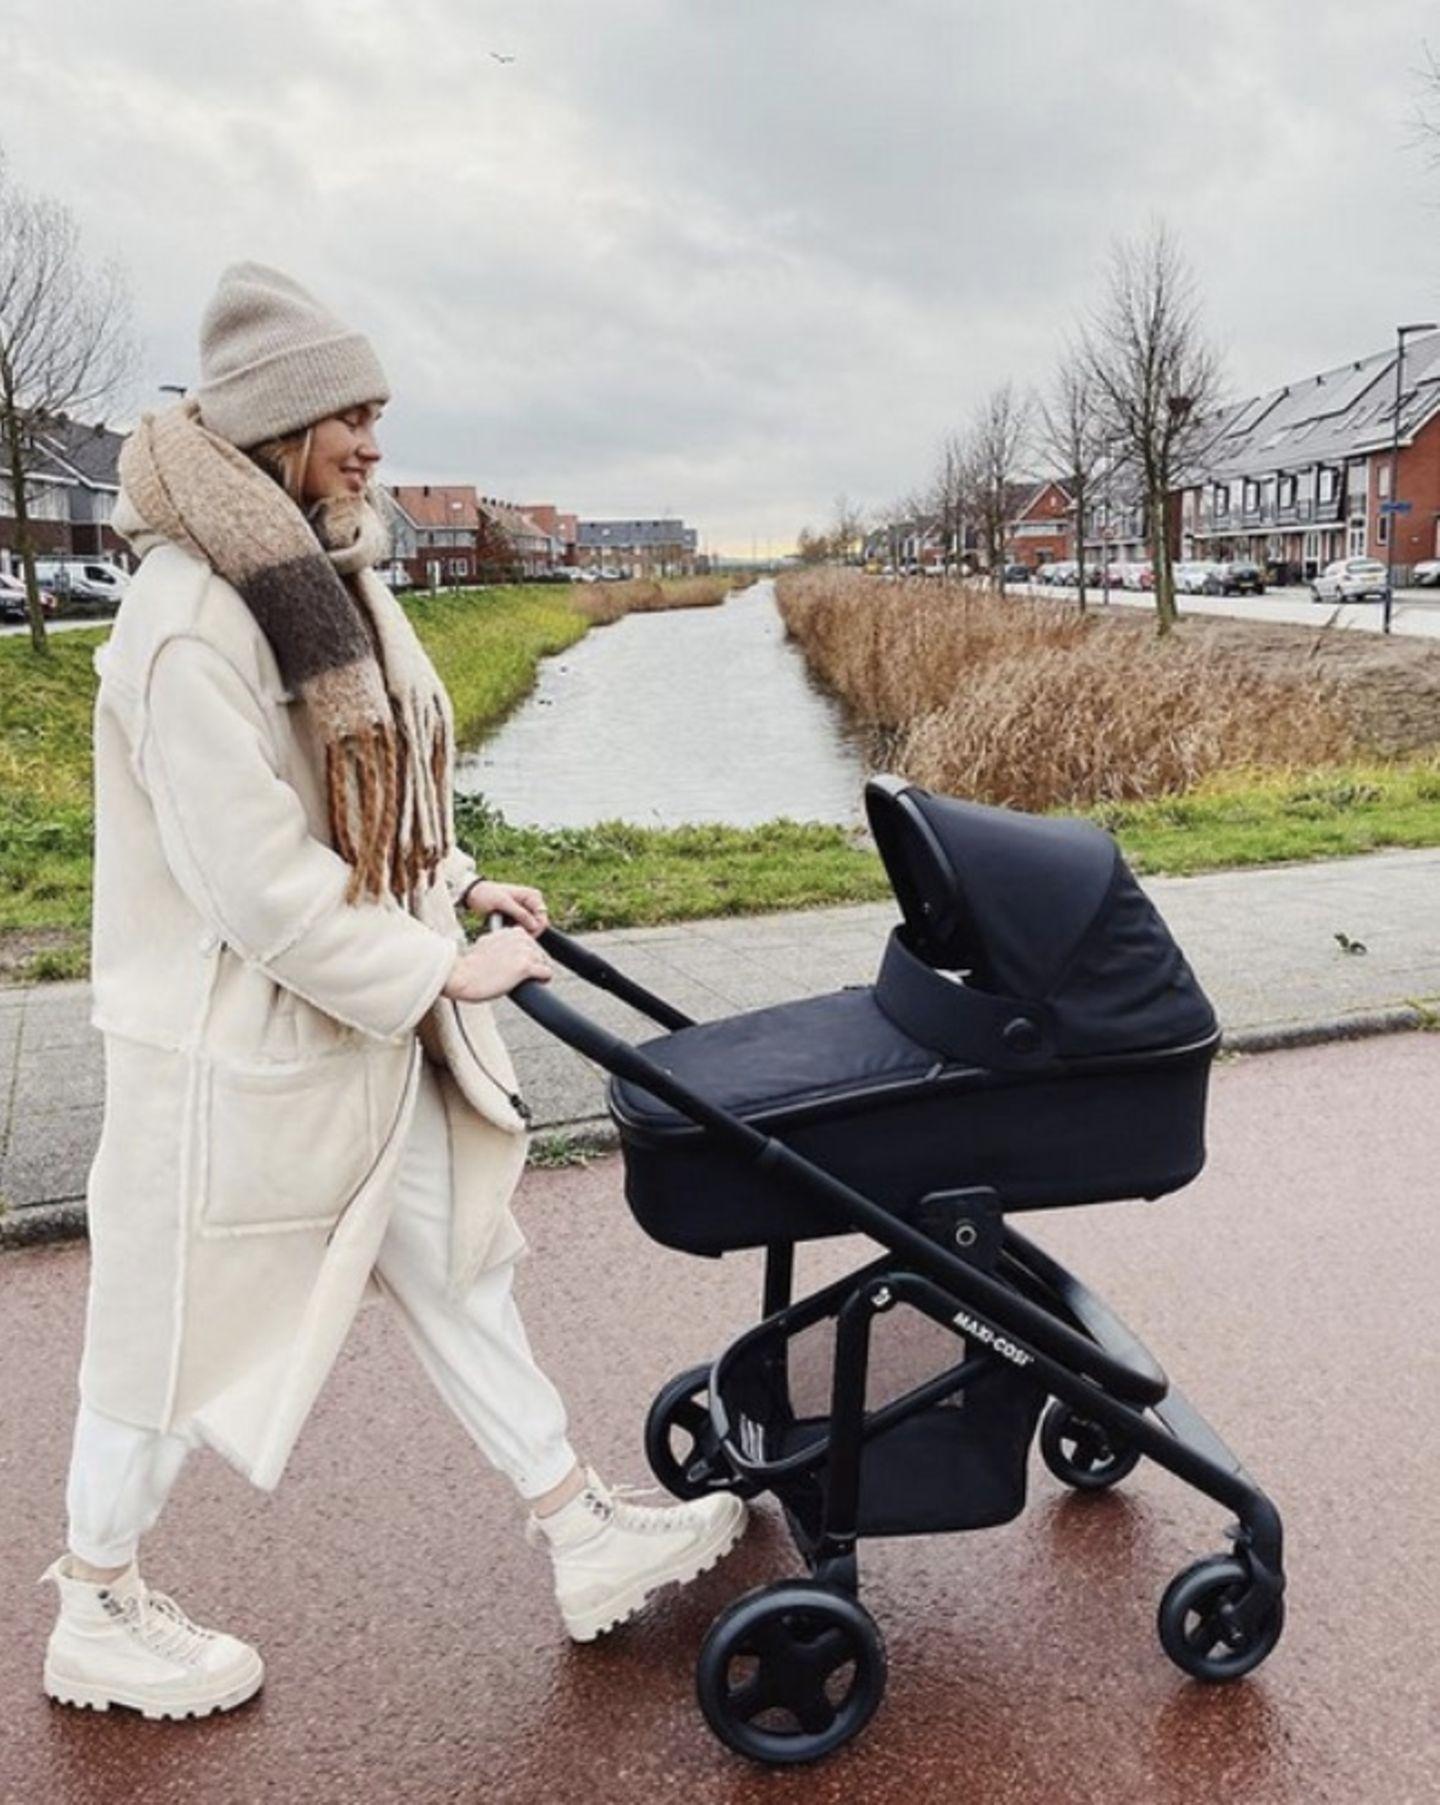 """Voller Stolz fährt """"Victoria's Secret""""-Model Romee Strijd ihre Tochter Mint durch ihre Heimatstadt in Holland. Und natürlich ist nicht nur Romees All-White-Look, sondern auch ihr edler Kinderwagen von Maxicosi ein echter Hingucker. Die hübsche Blondine weiß einfach, was angesagt ist."""